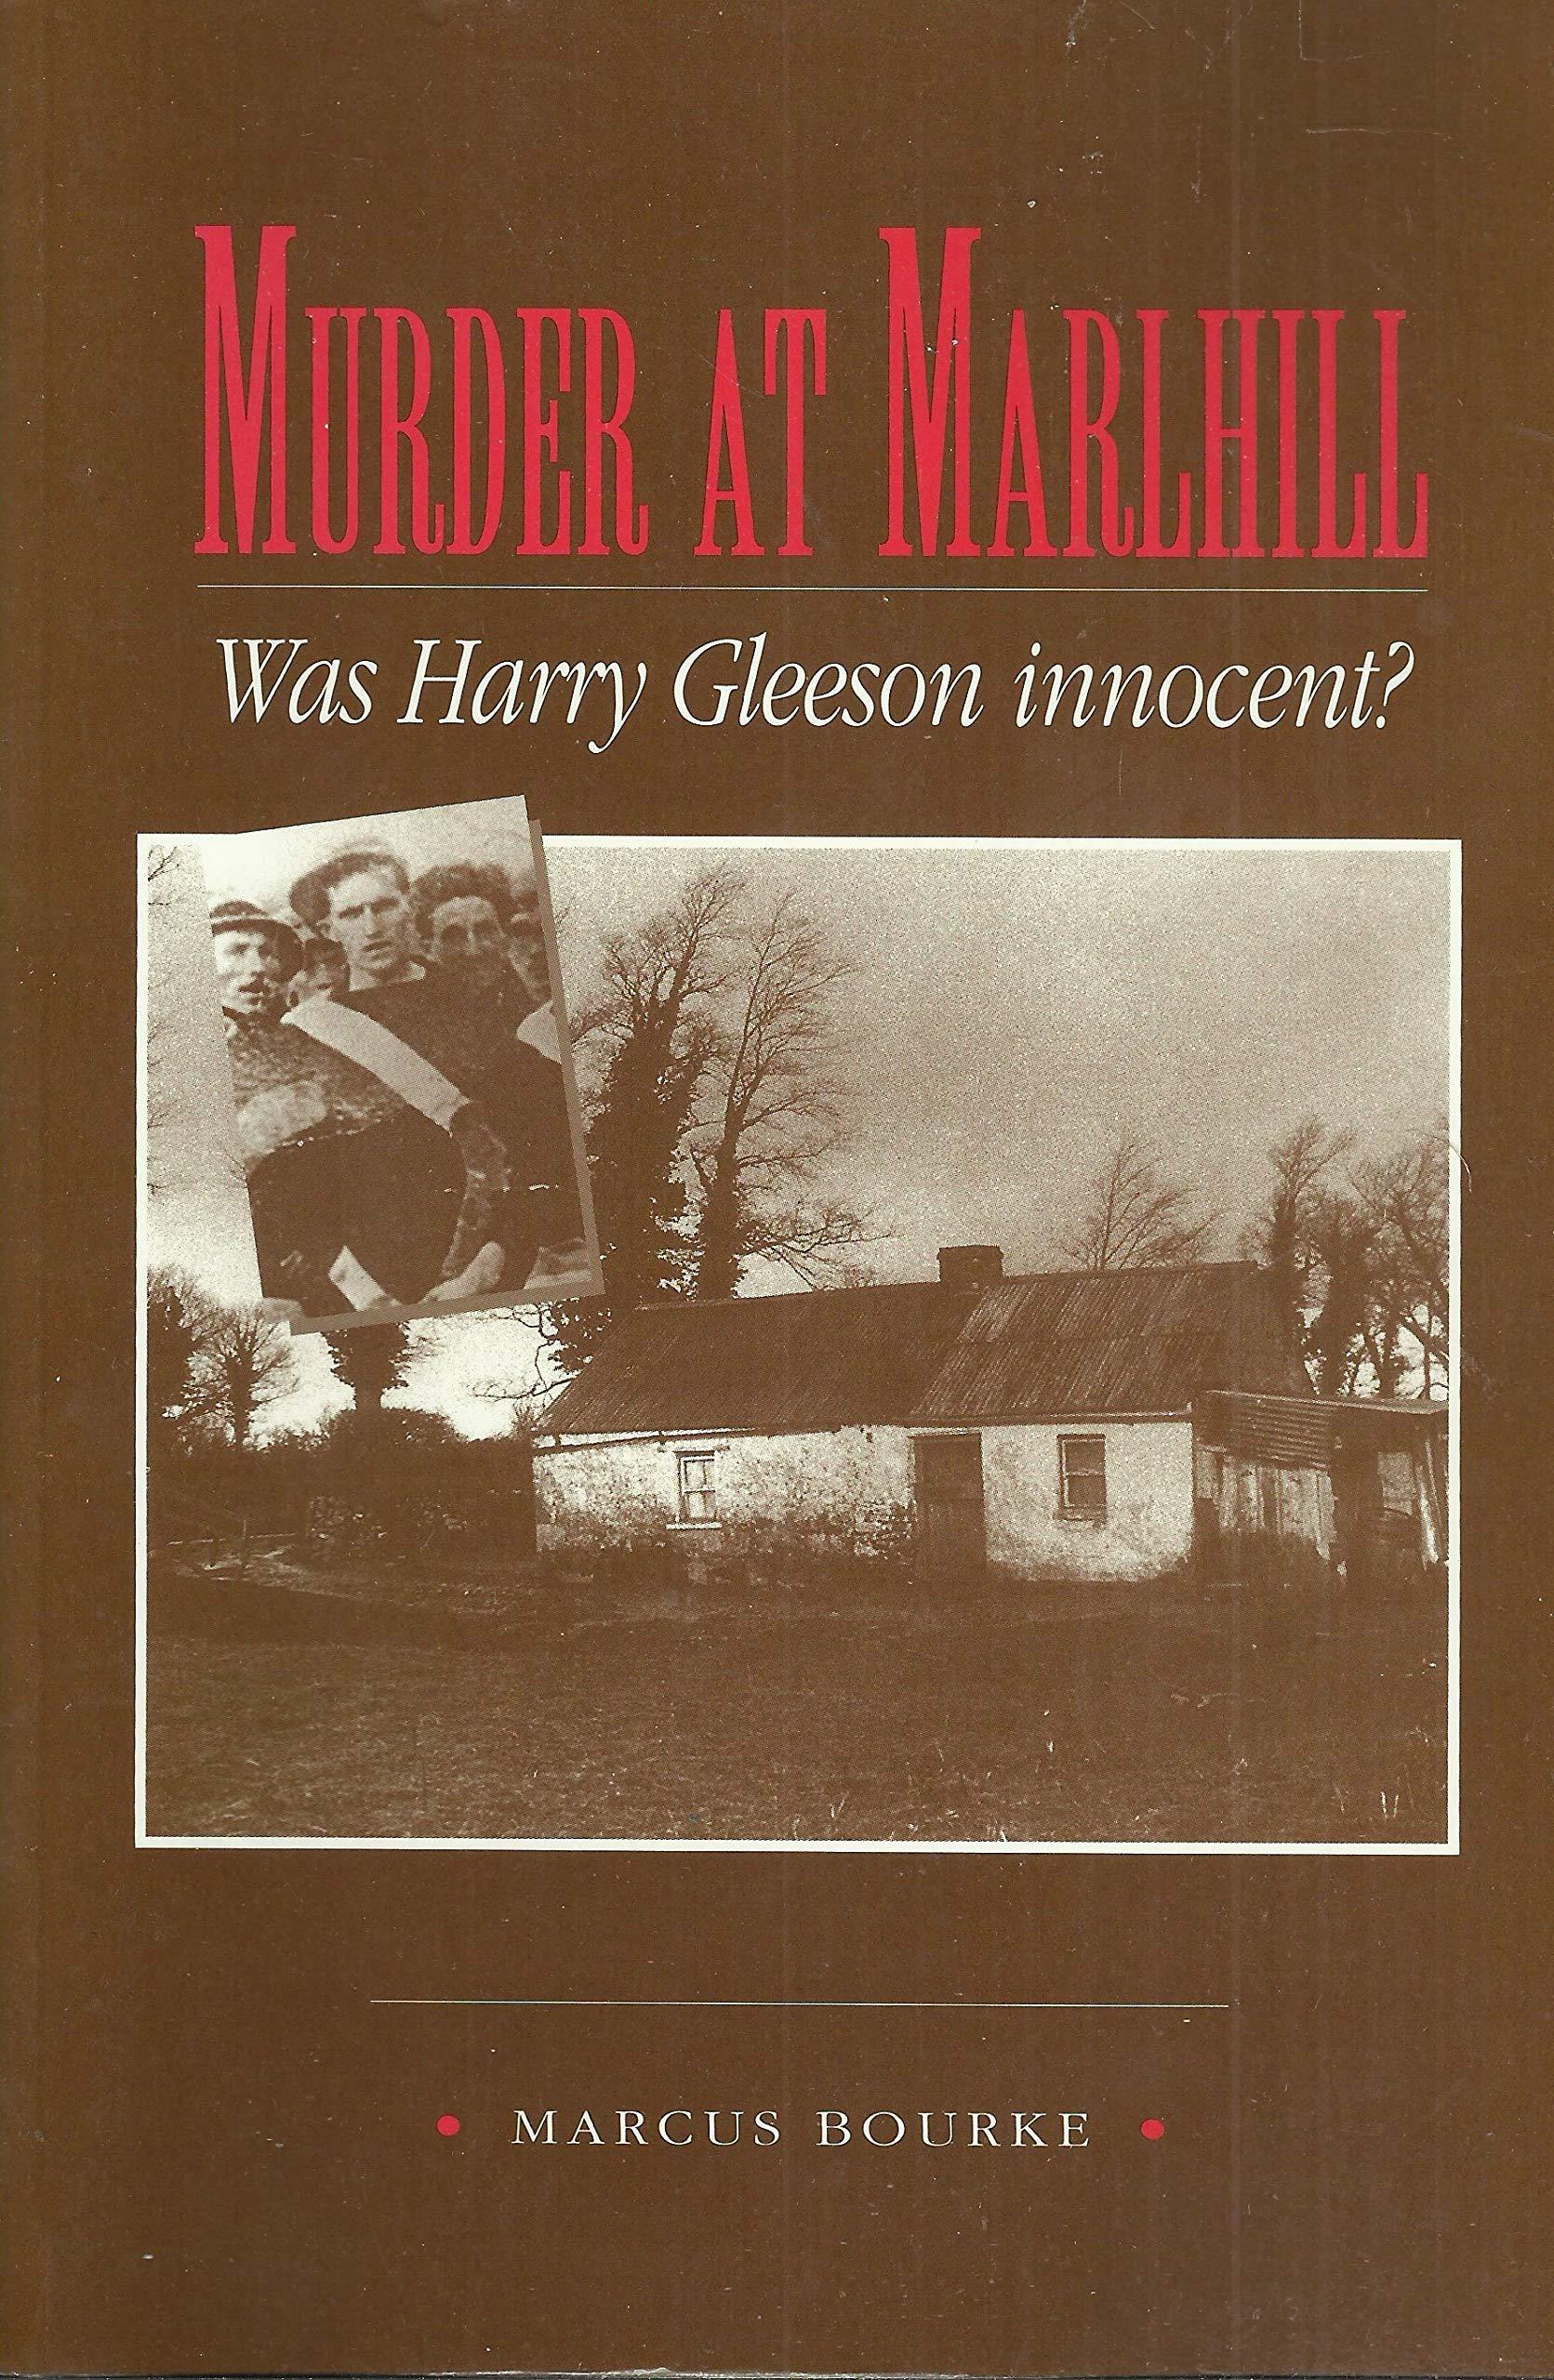 Murder of Moll McCarthy